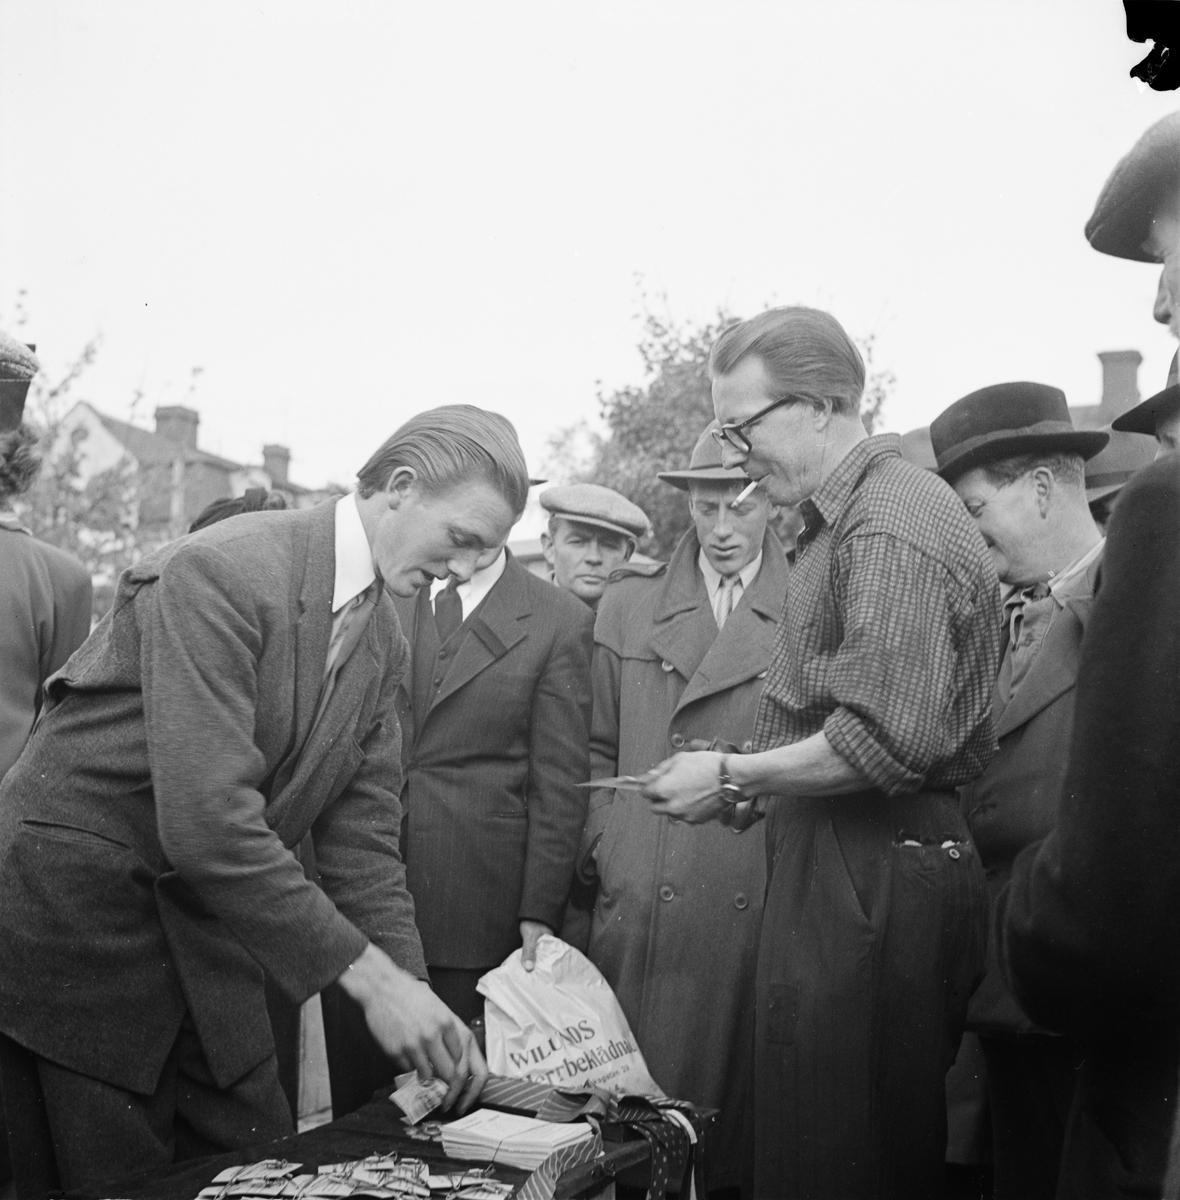 """Höstmarknad på Vaksala torg, Uppsala 1948. Bertil Odin """"demonsterar hur man behändigt knyter sin slips med hjälp av en ståltrådsställning""""."""